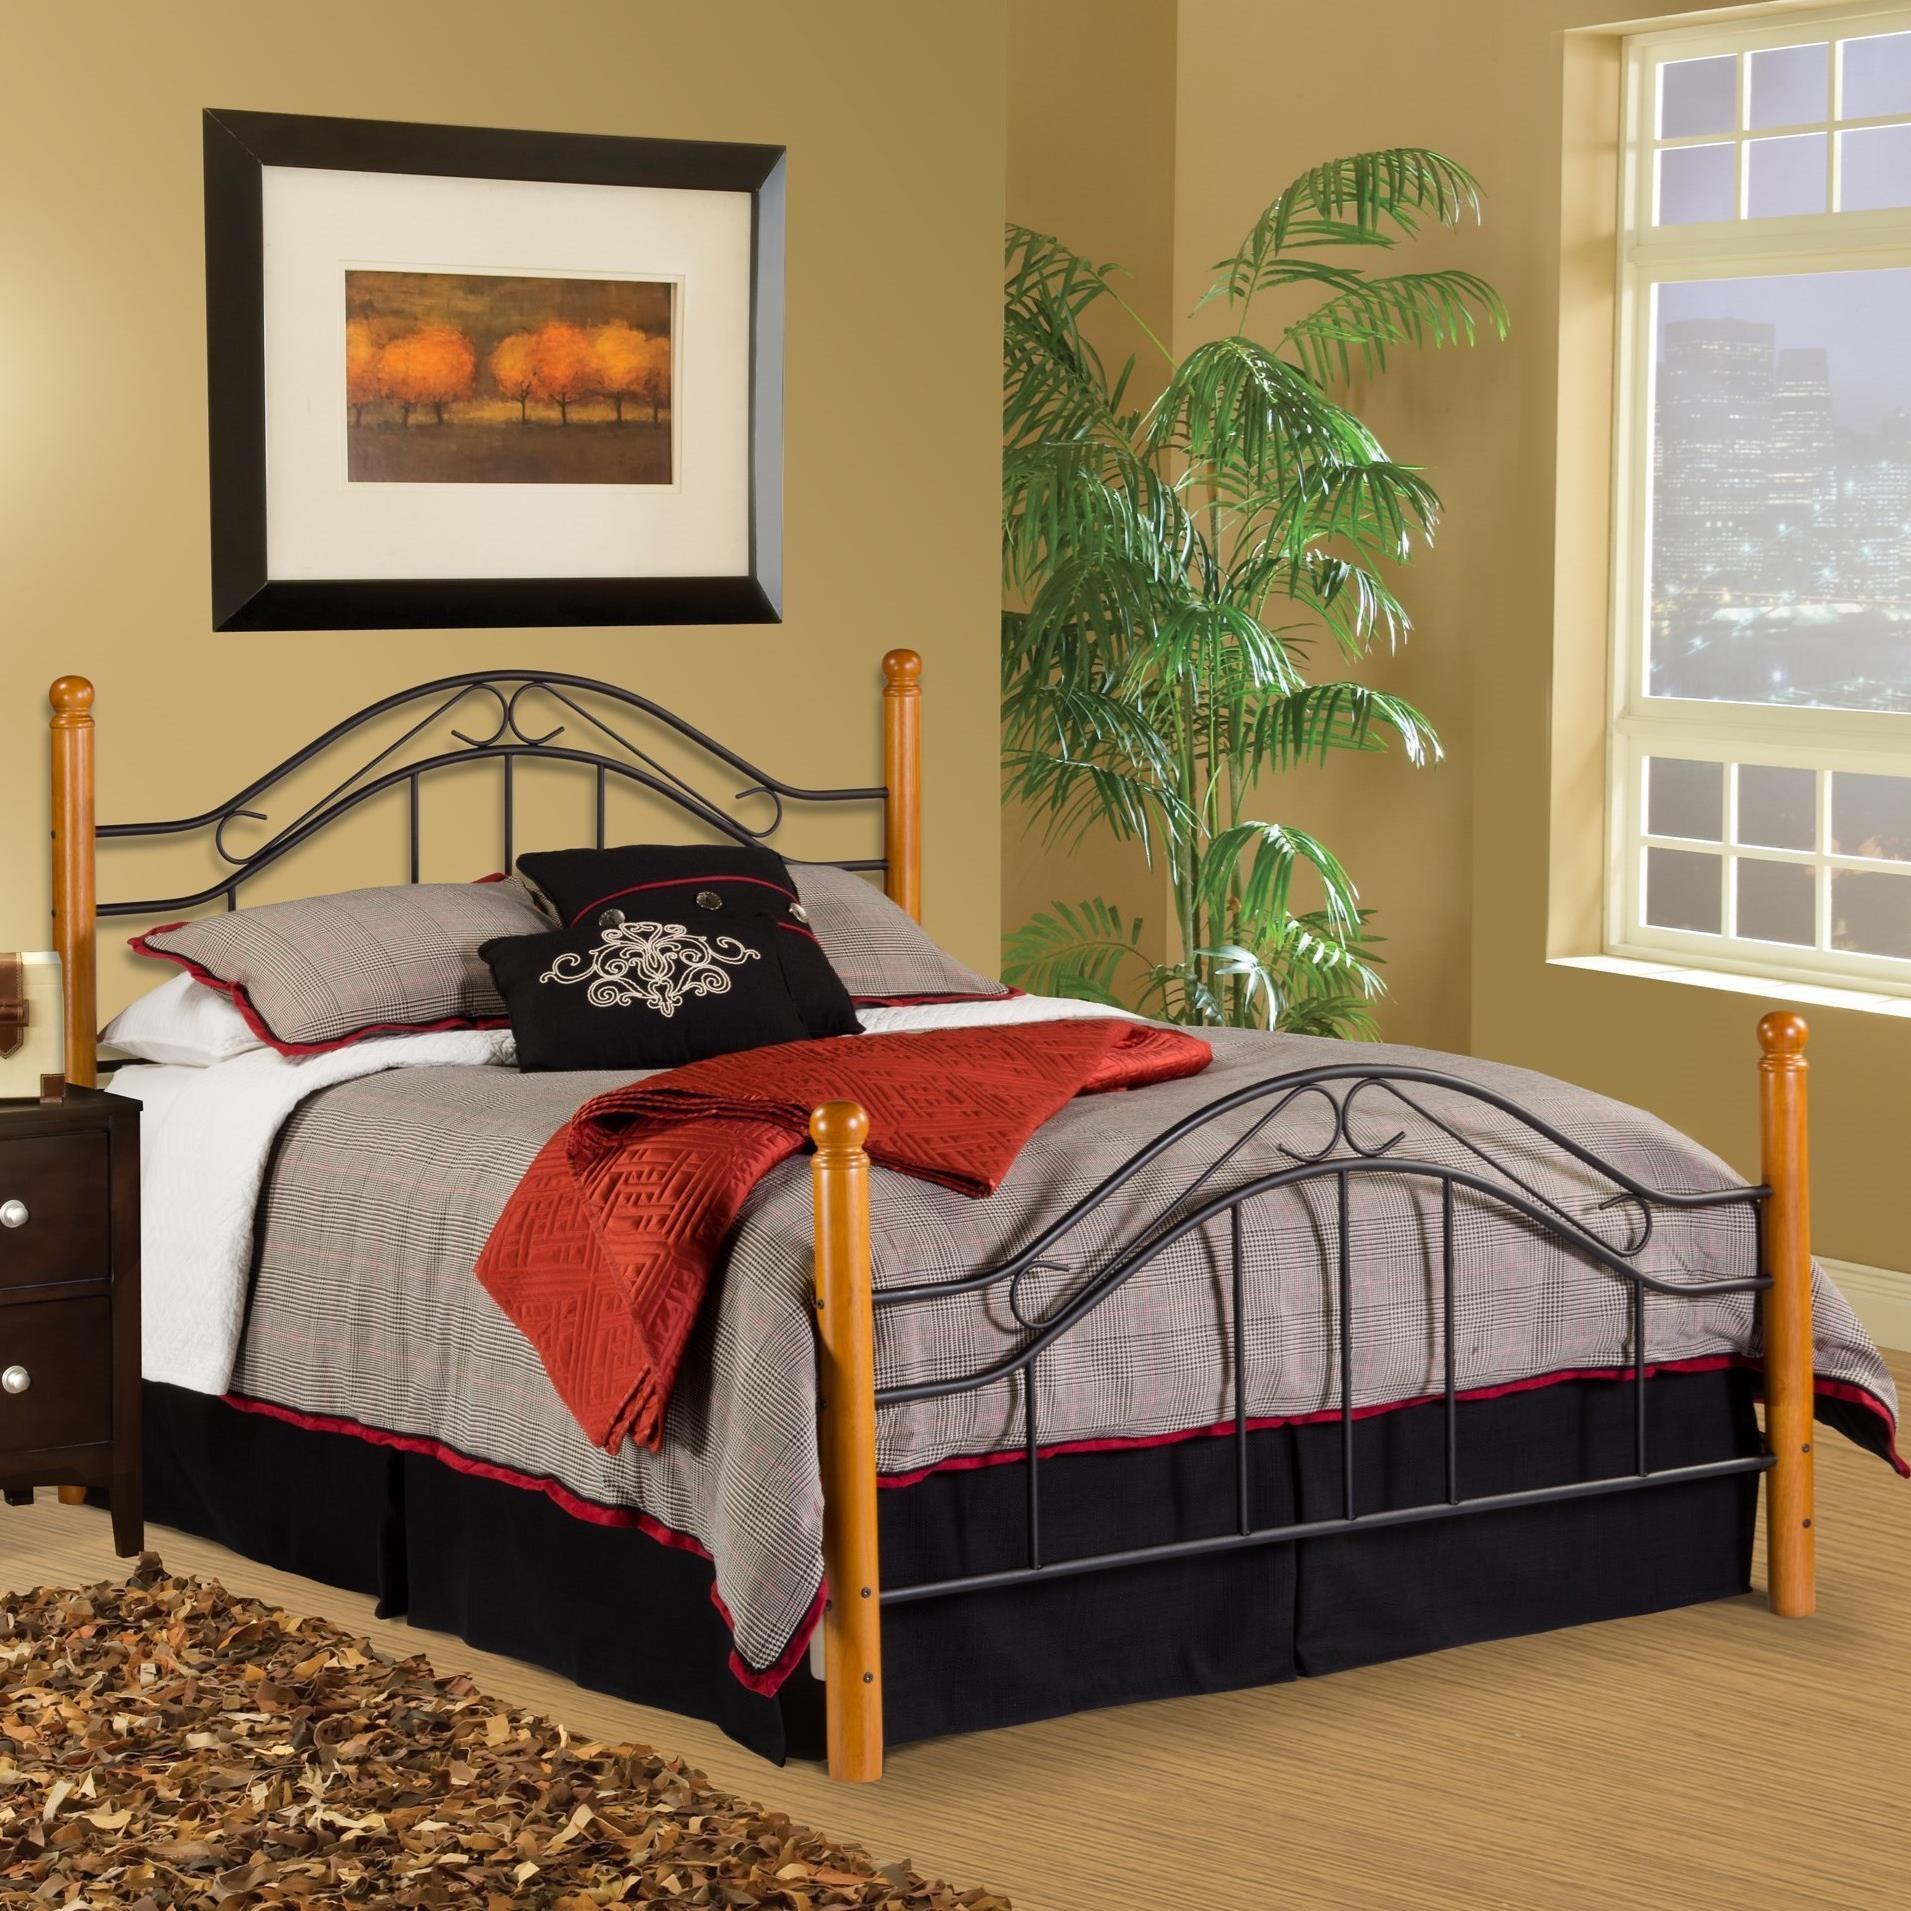 Hillsdale Wood Beds King Bed Set - Item Number: 164BK